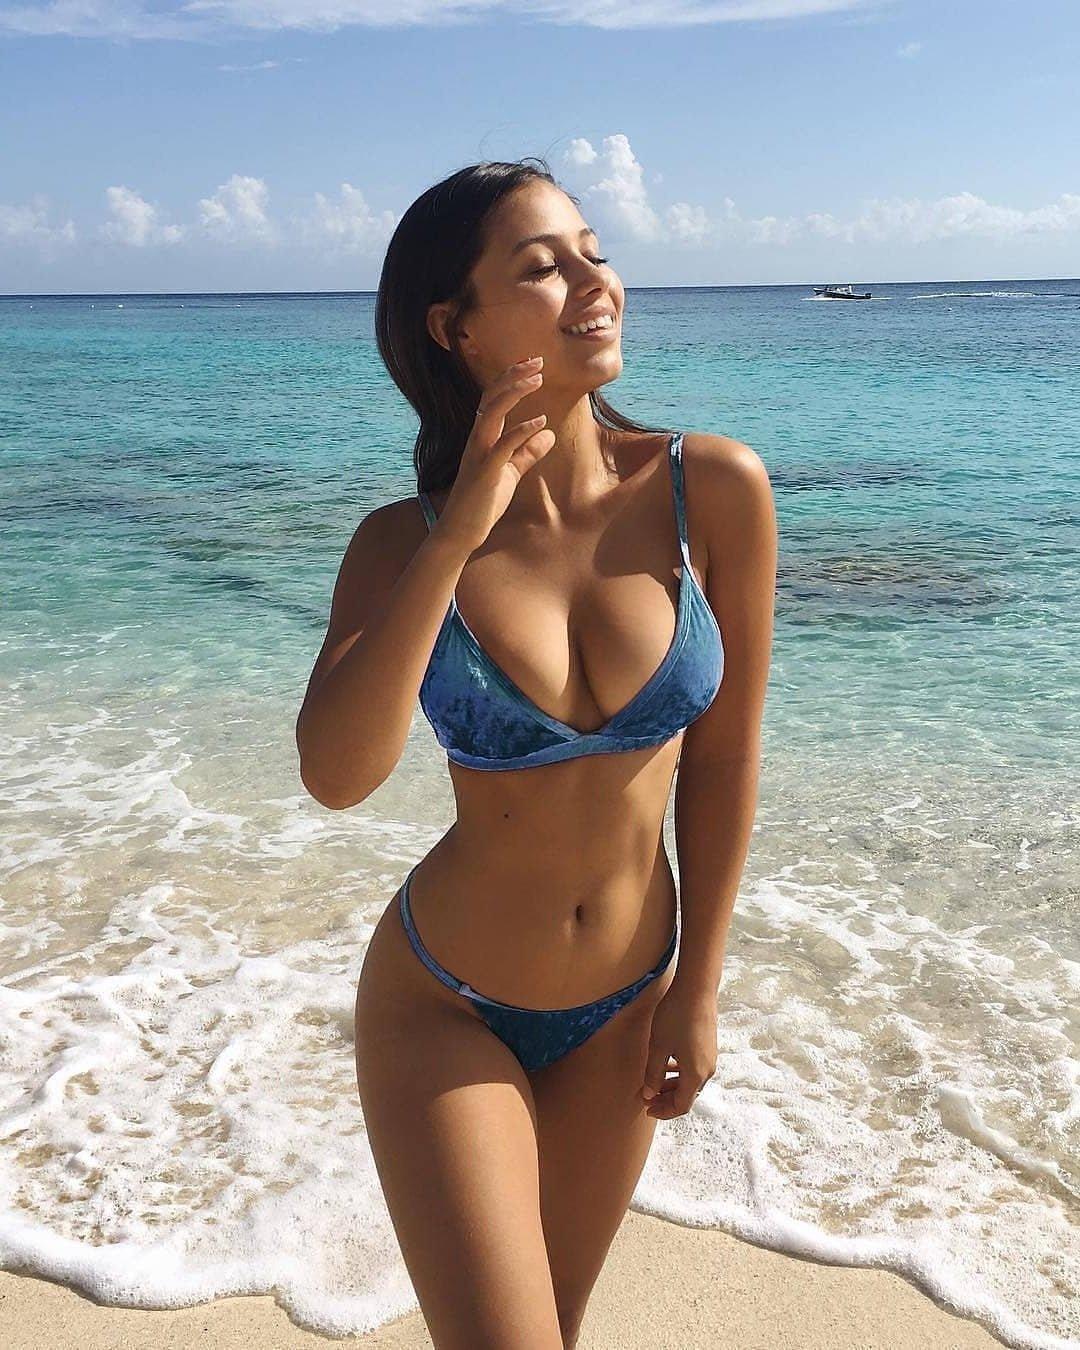 петрозаводска александра красивые девушки из социальных сетей на пляже девчонка любит потрахаться